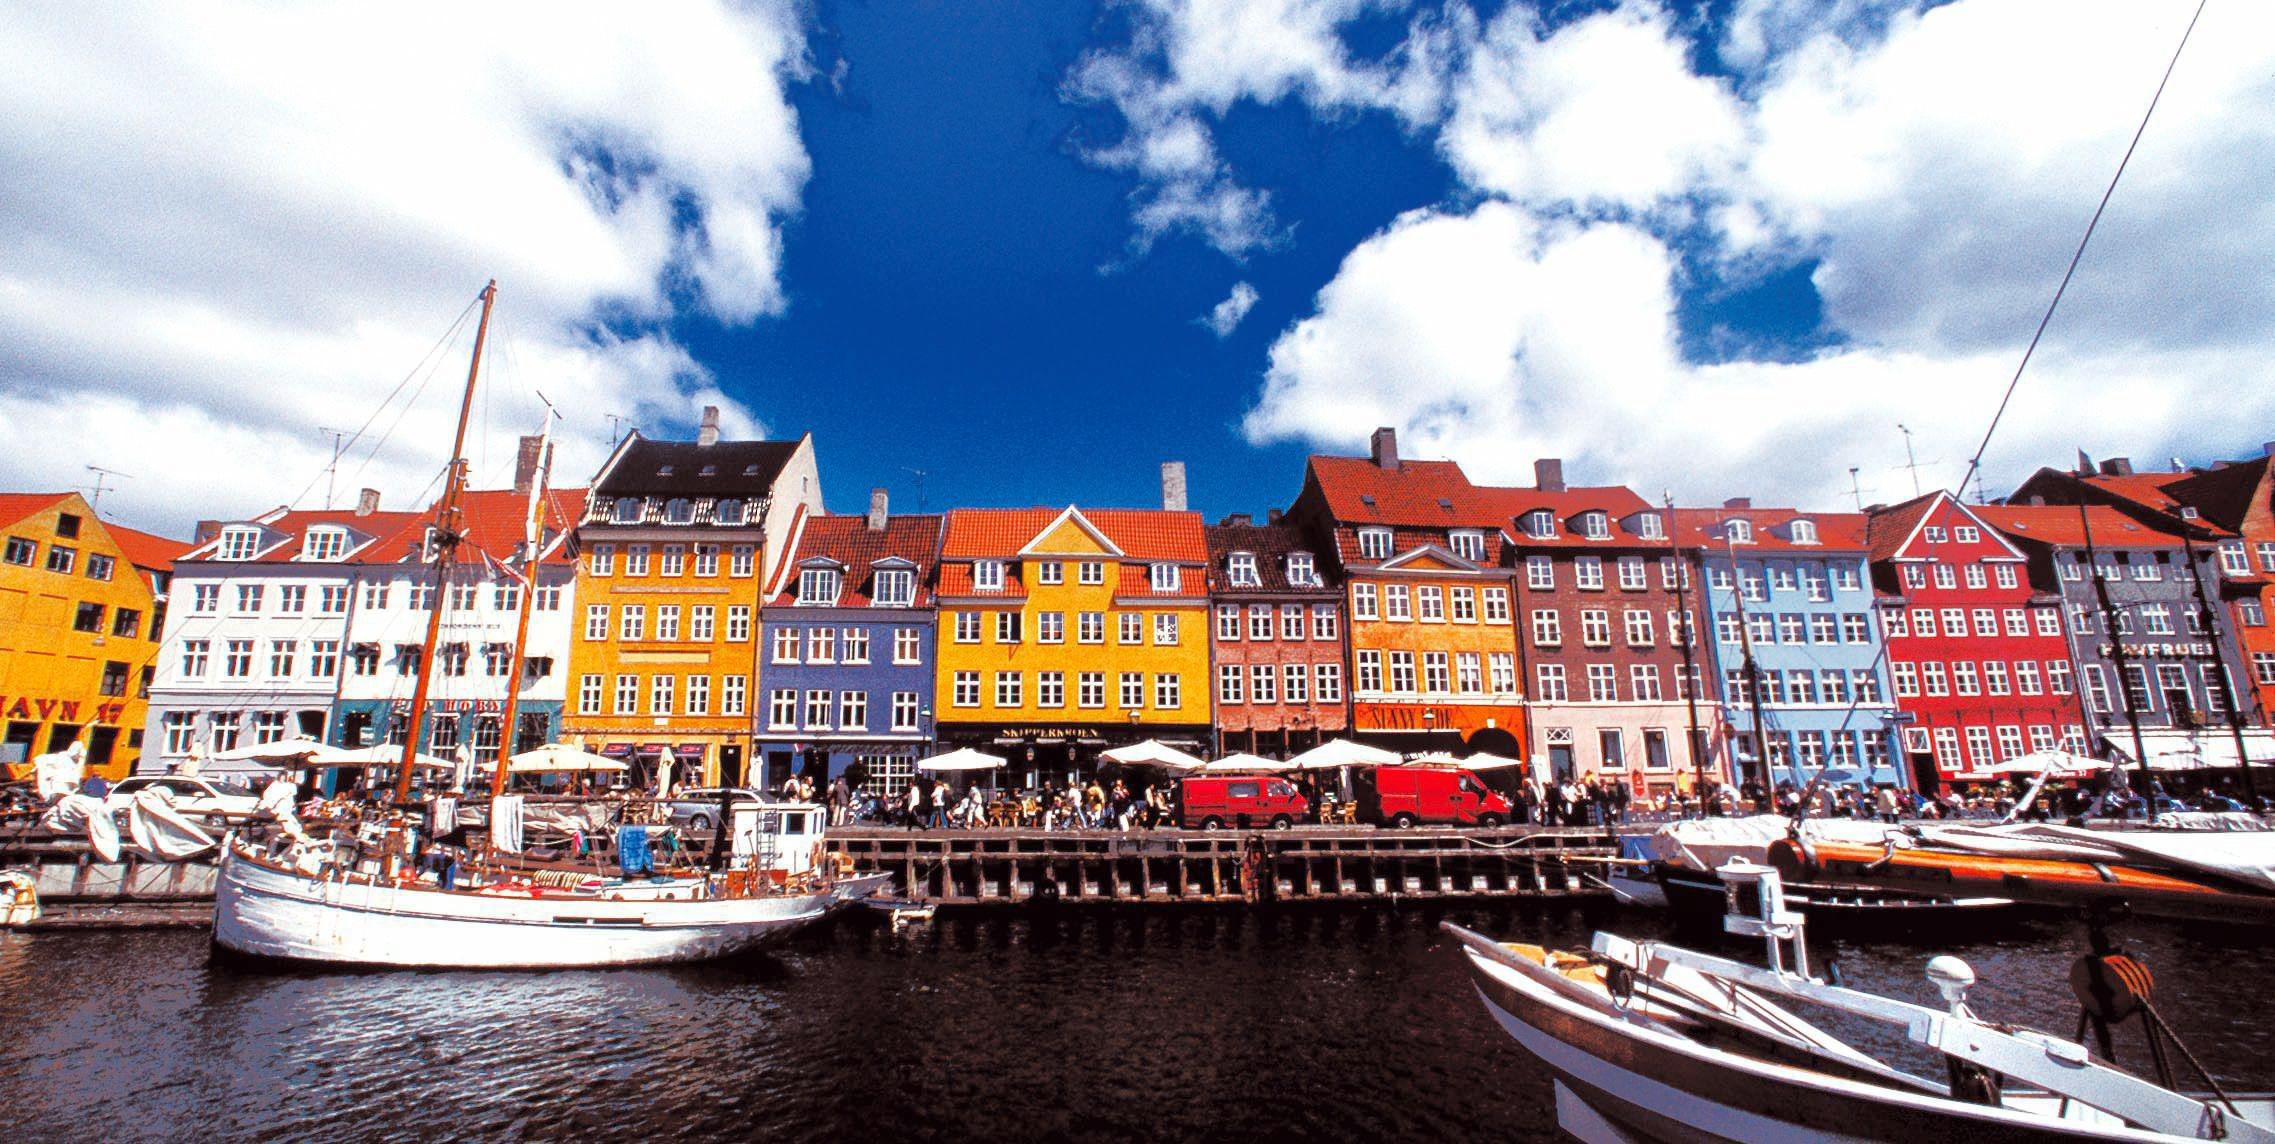 Ontdek cultuurstad Kopenhagen voor een prachtig prijsje!